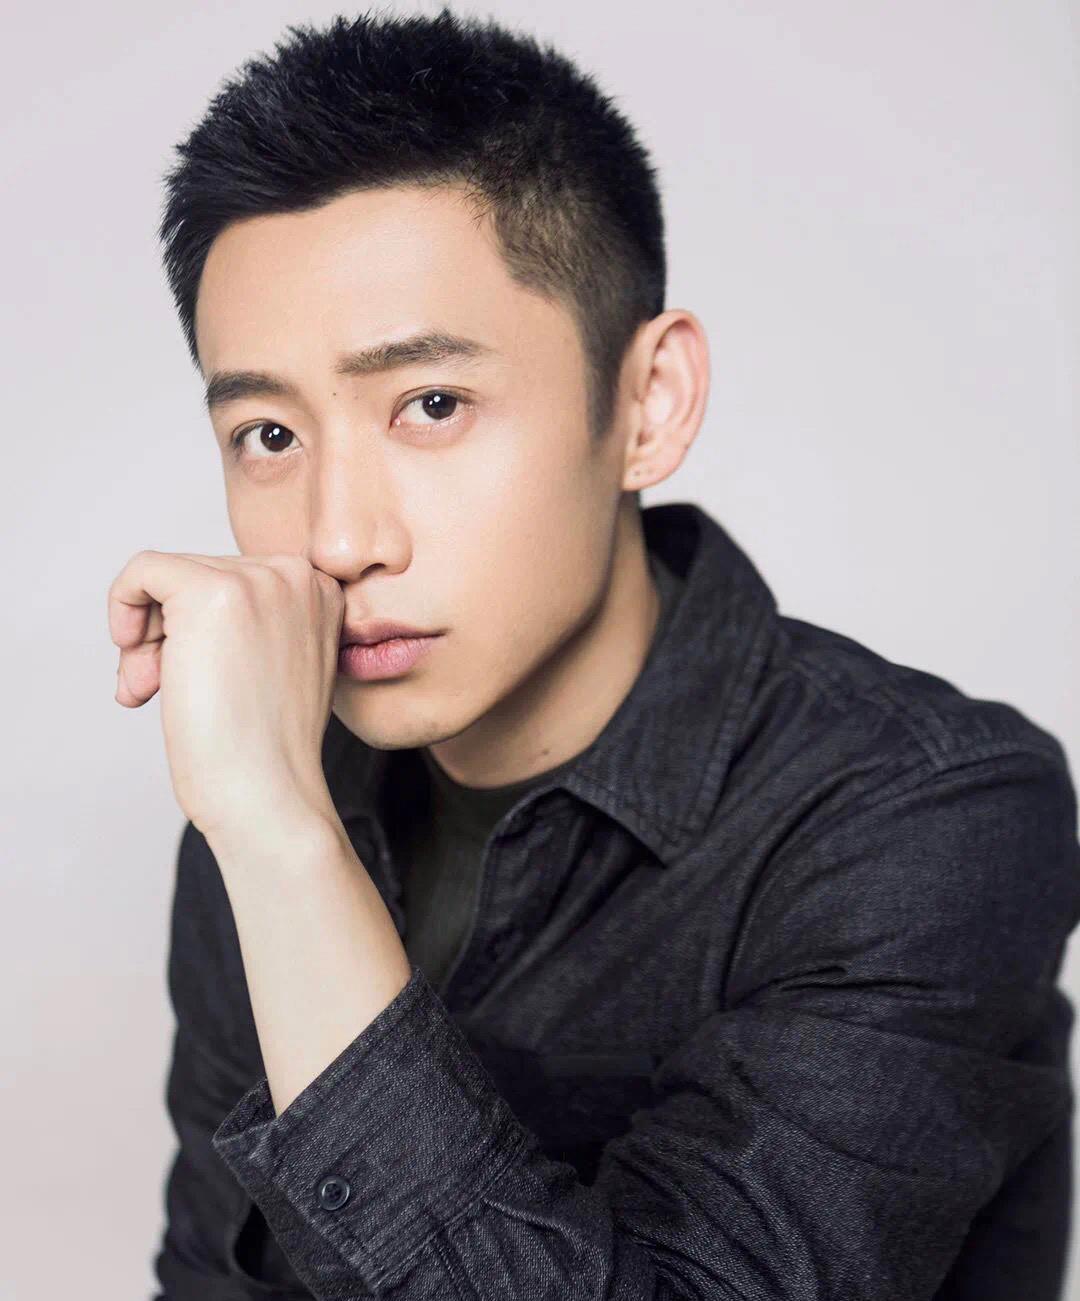 今日娛樂:王俊凱、成毅、秦昊、蕭亞軒、高瀚宇、王鏘、魏晨-圖6